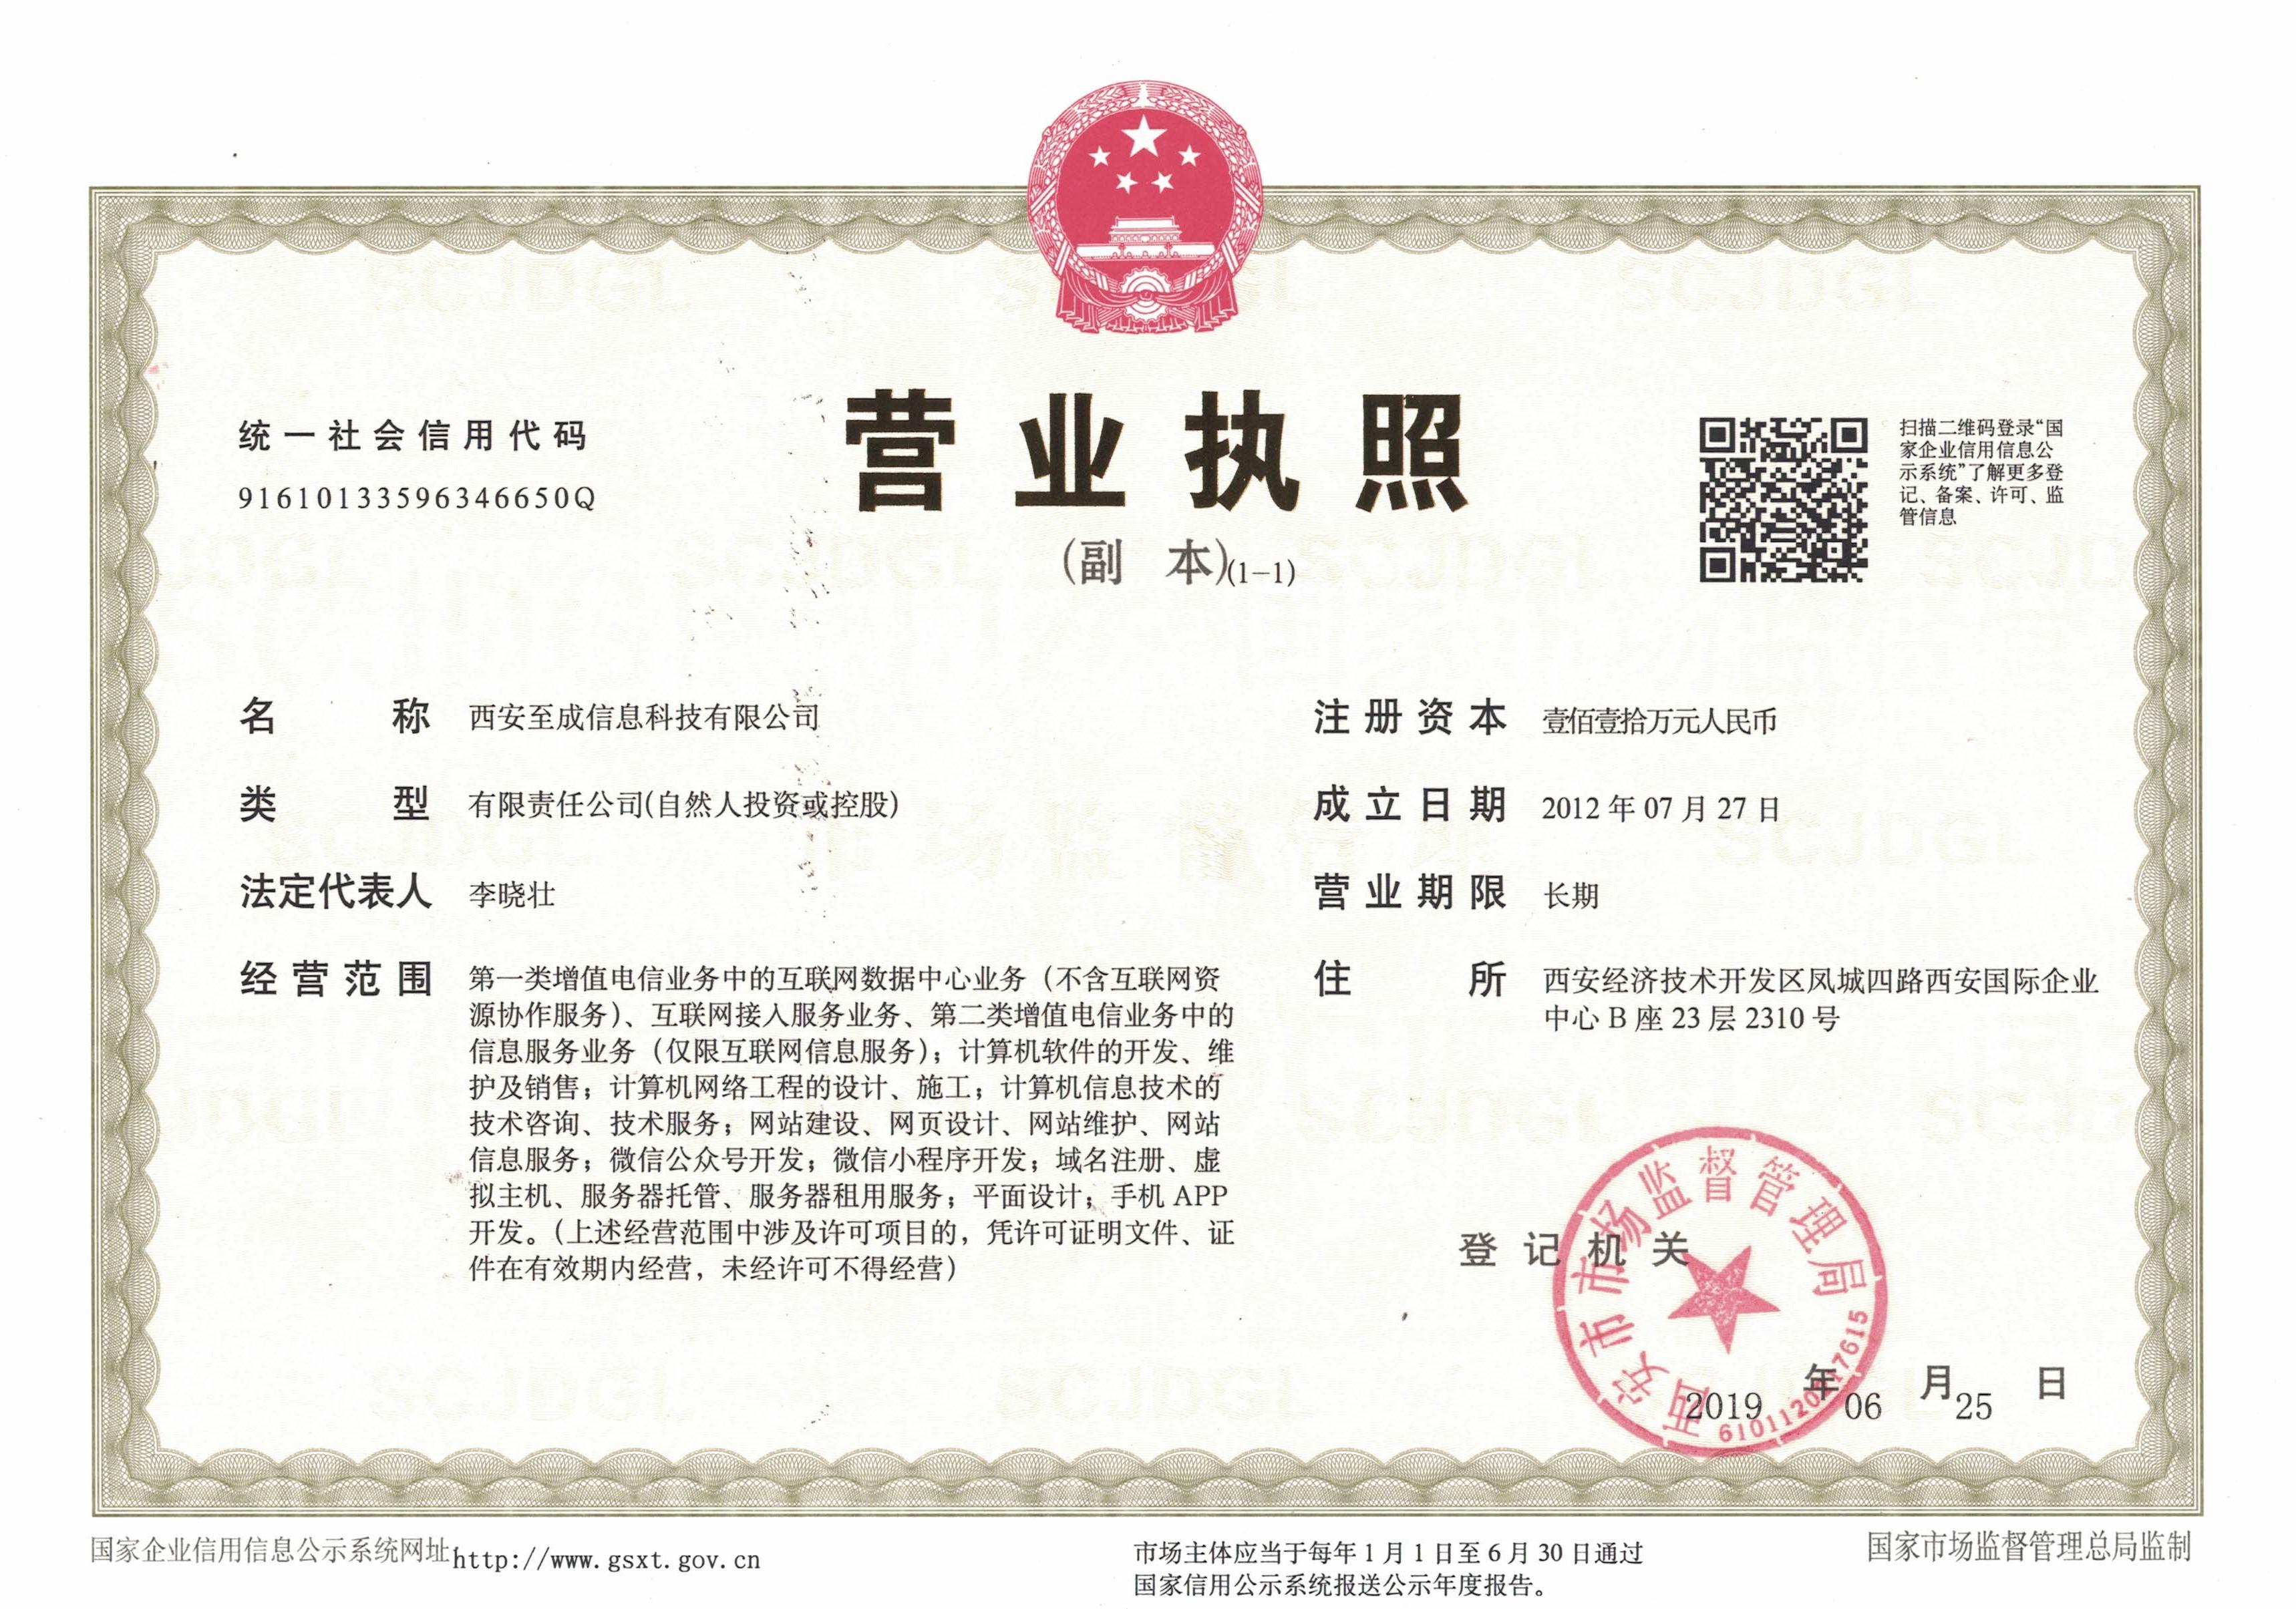 统一社会信用代码证